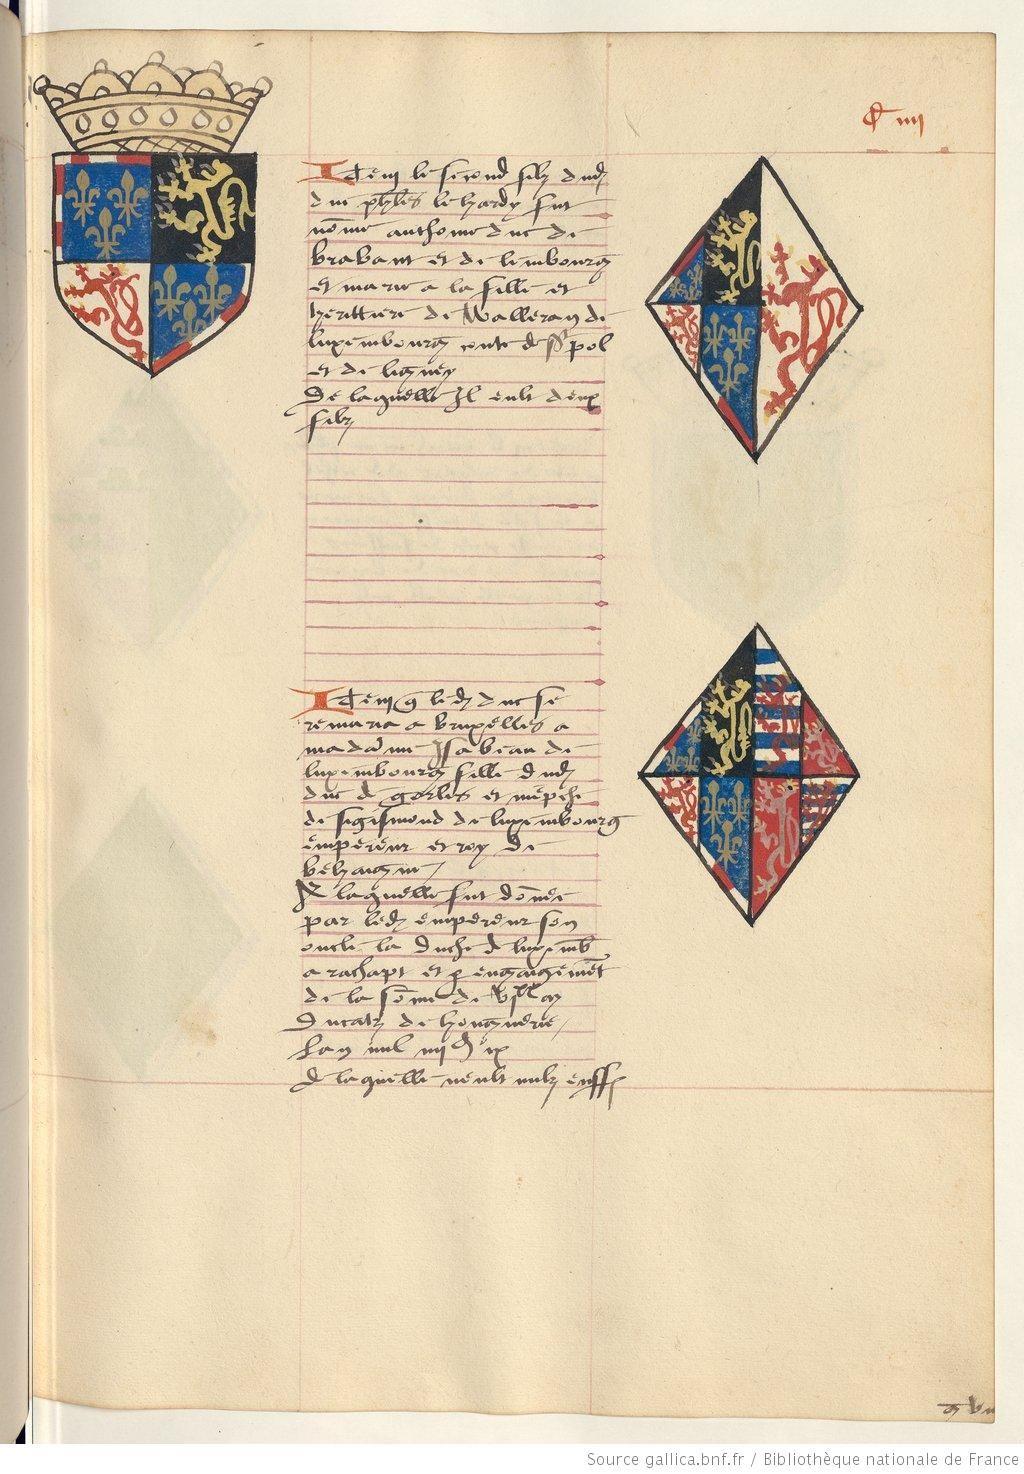 Coat of arms of Anthony, Duke of Brabant, Lothier and Limburg and of Jeanne de St. Pol and Elisabeth of Görlitz, Duchess of Luxembourg. Receuil de la généalogie de la noble maison de Luxembourg.